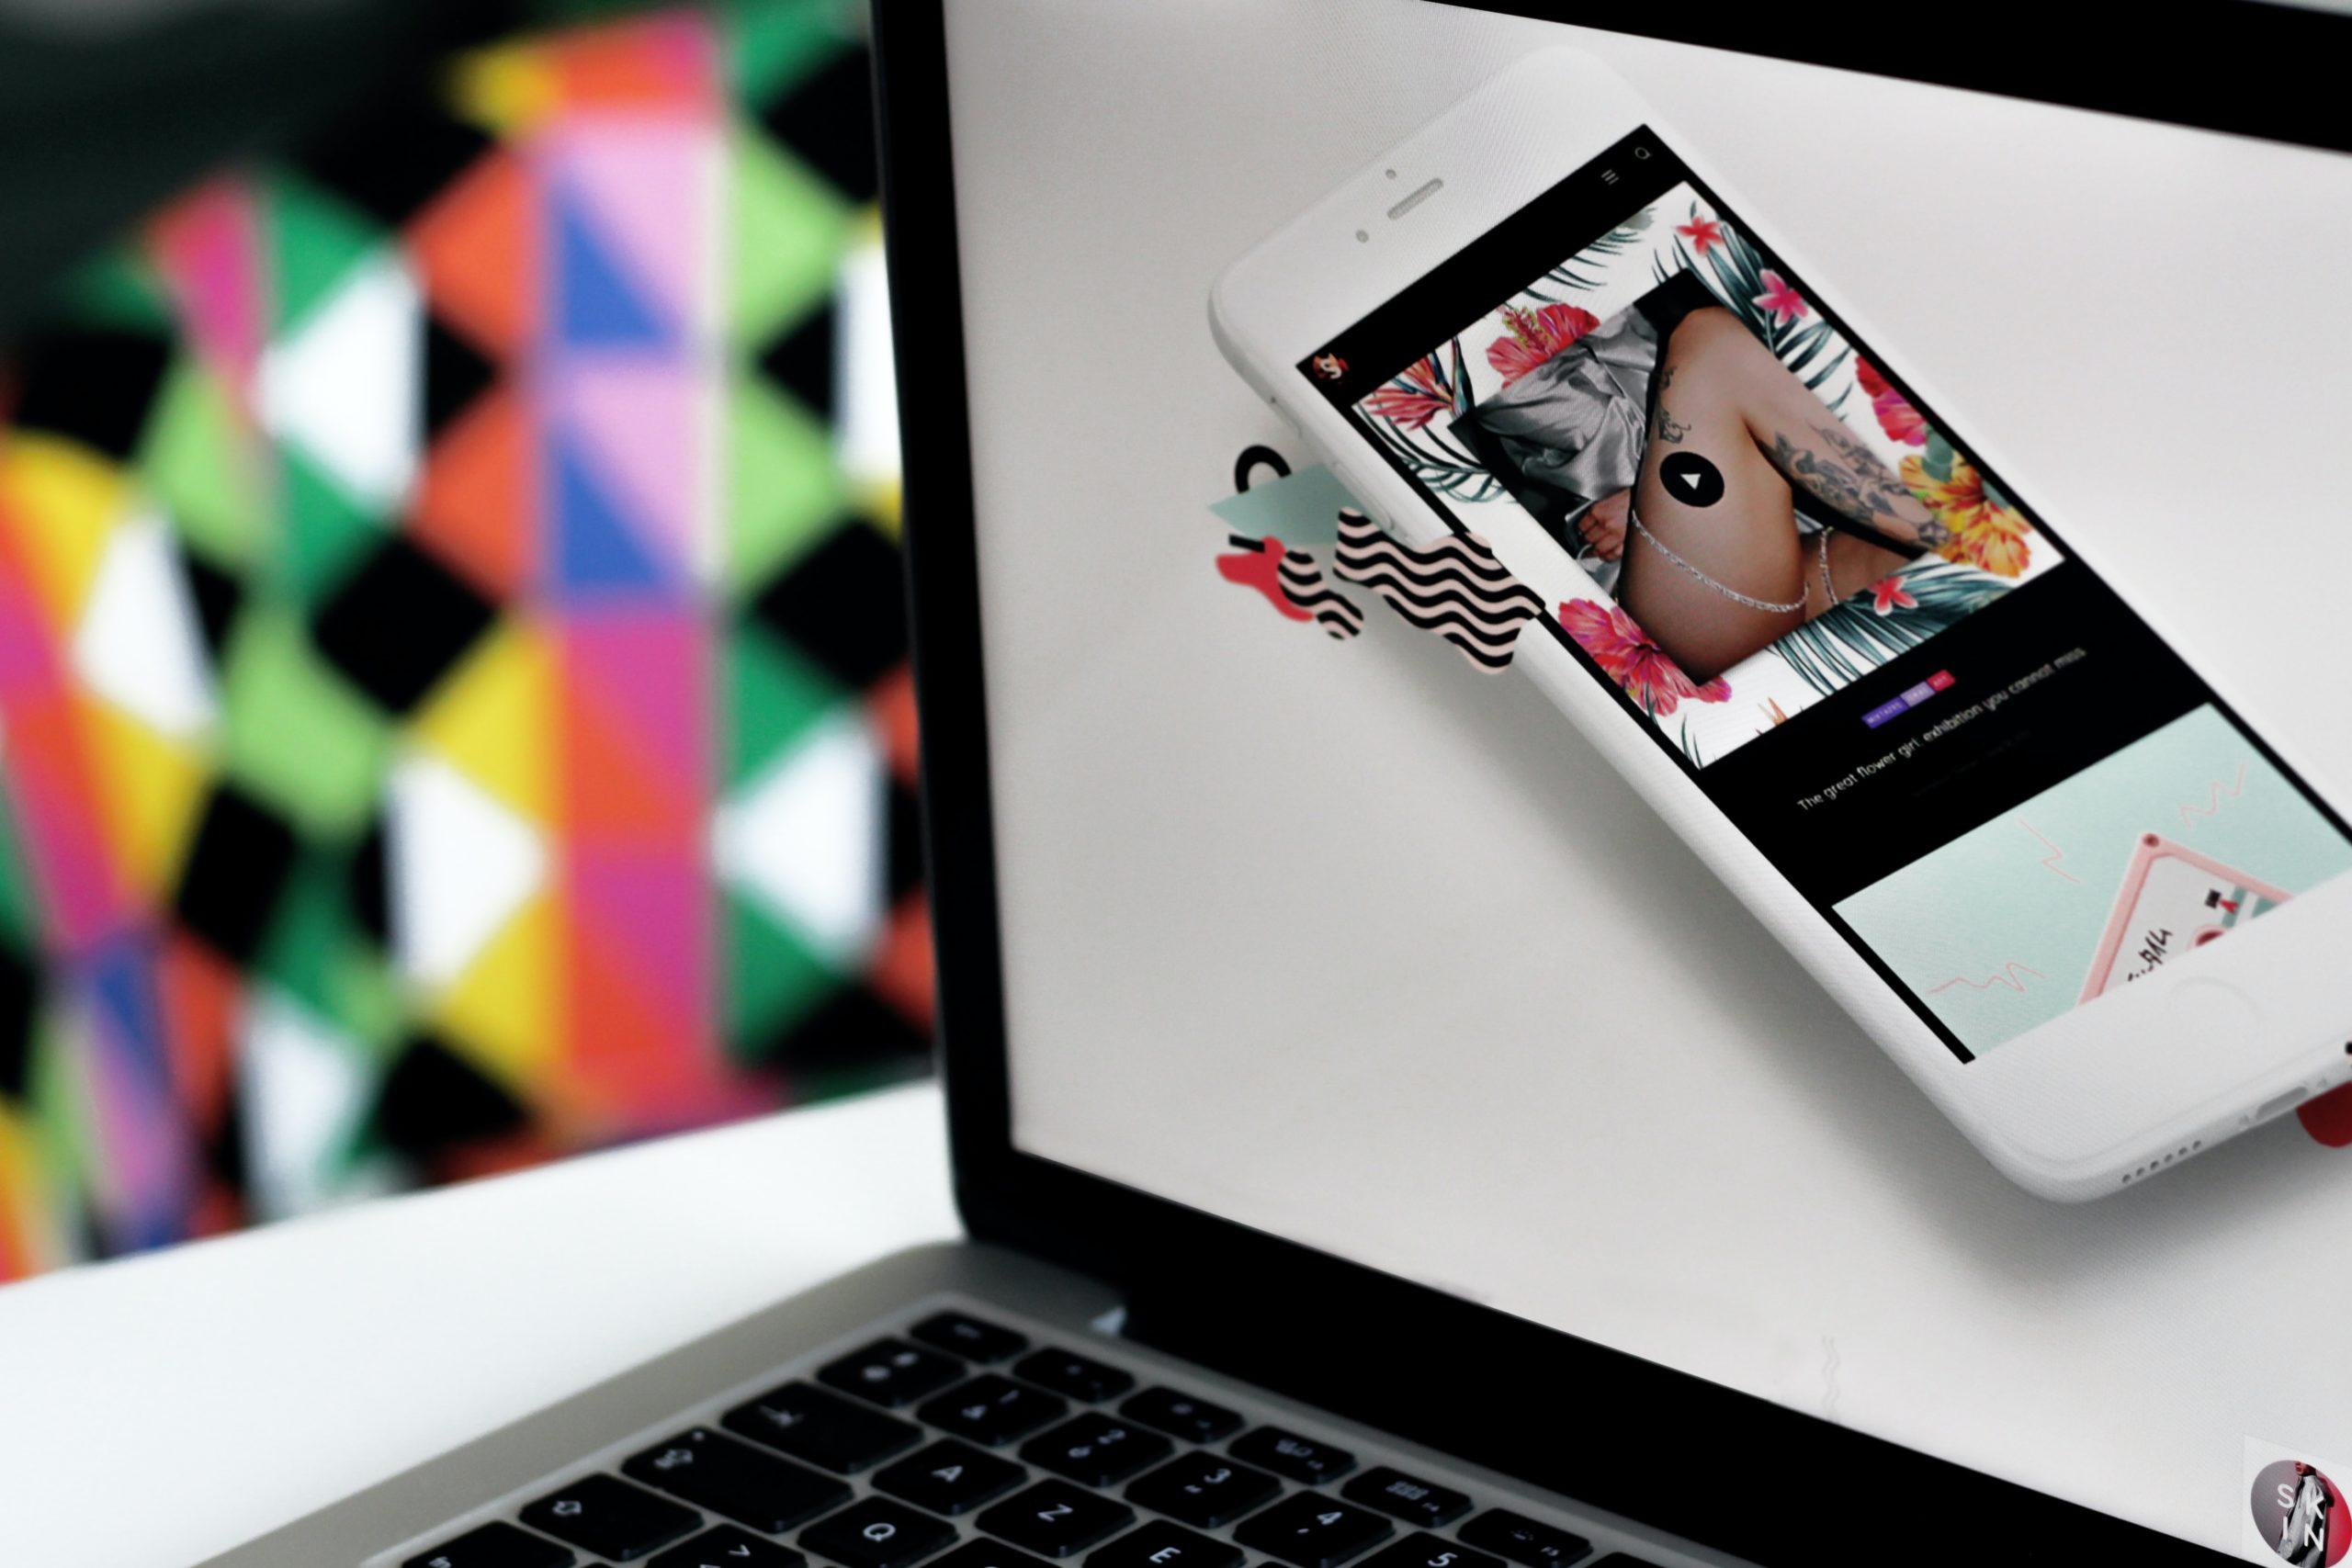 ノートパソコンの画面に移るスマホ